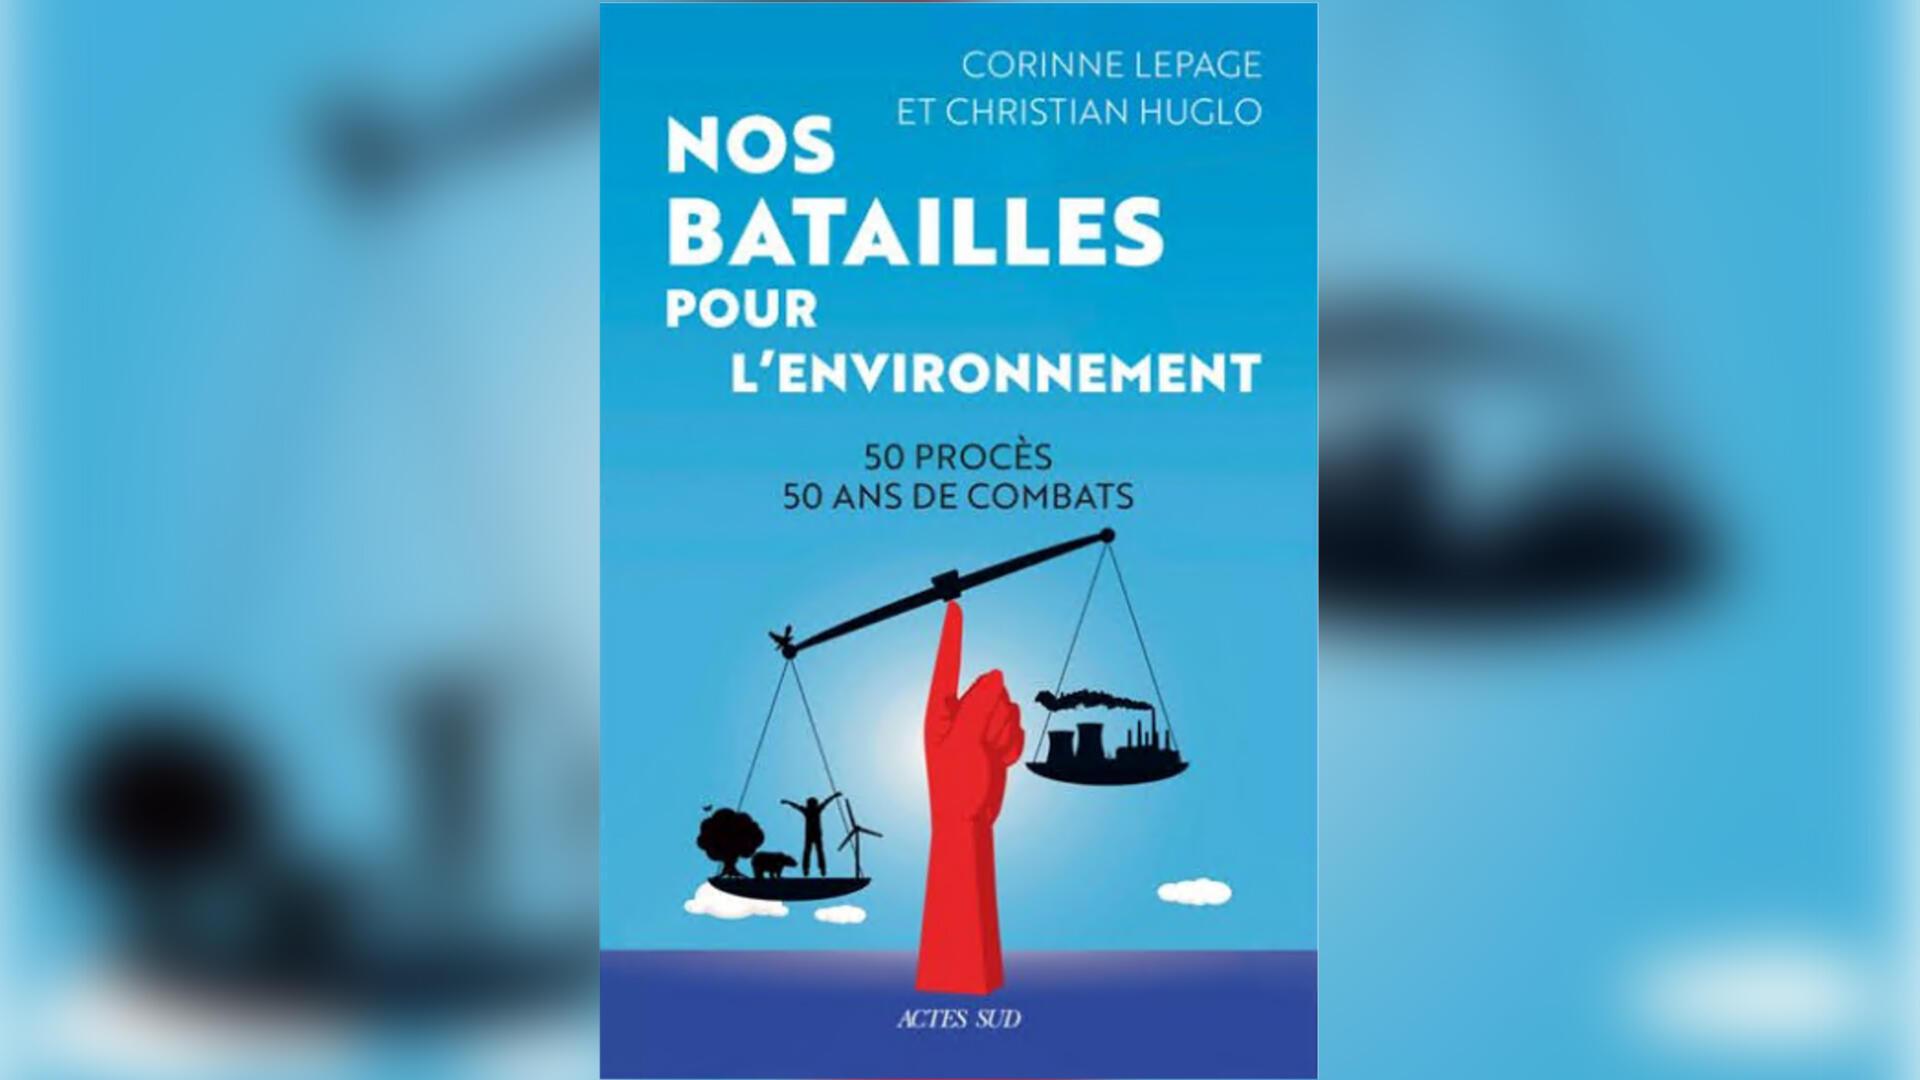 Couverture - Nos batailles pour l'environnement_50 procès_50 ans de combats_Corinne Lepage_Christian Huglo